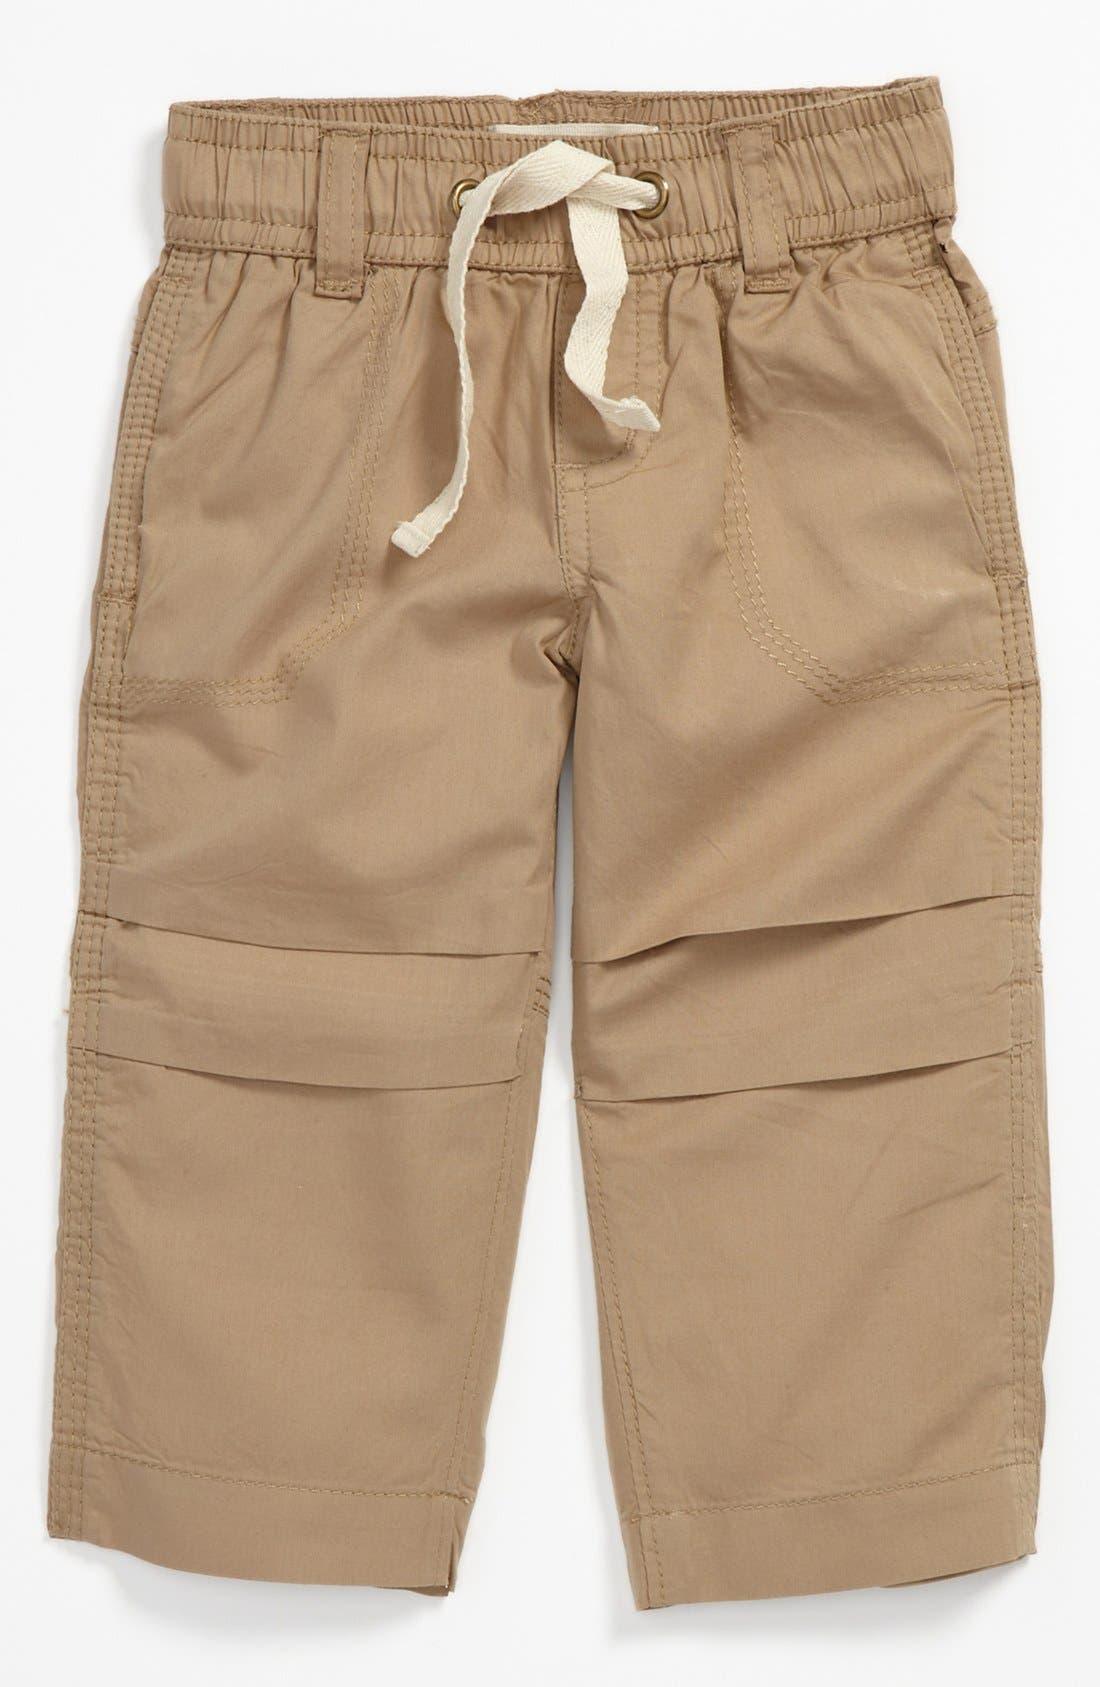 Alternate Image 1 Selected - Peek 'Everyday' Pants (Baby)